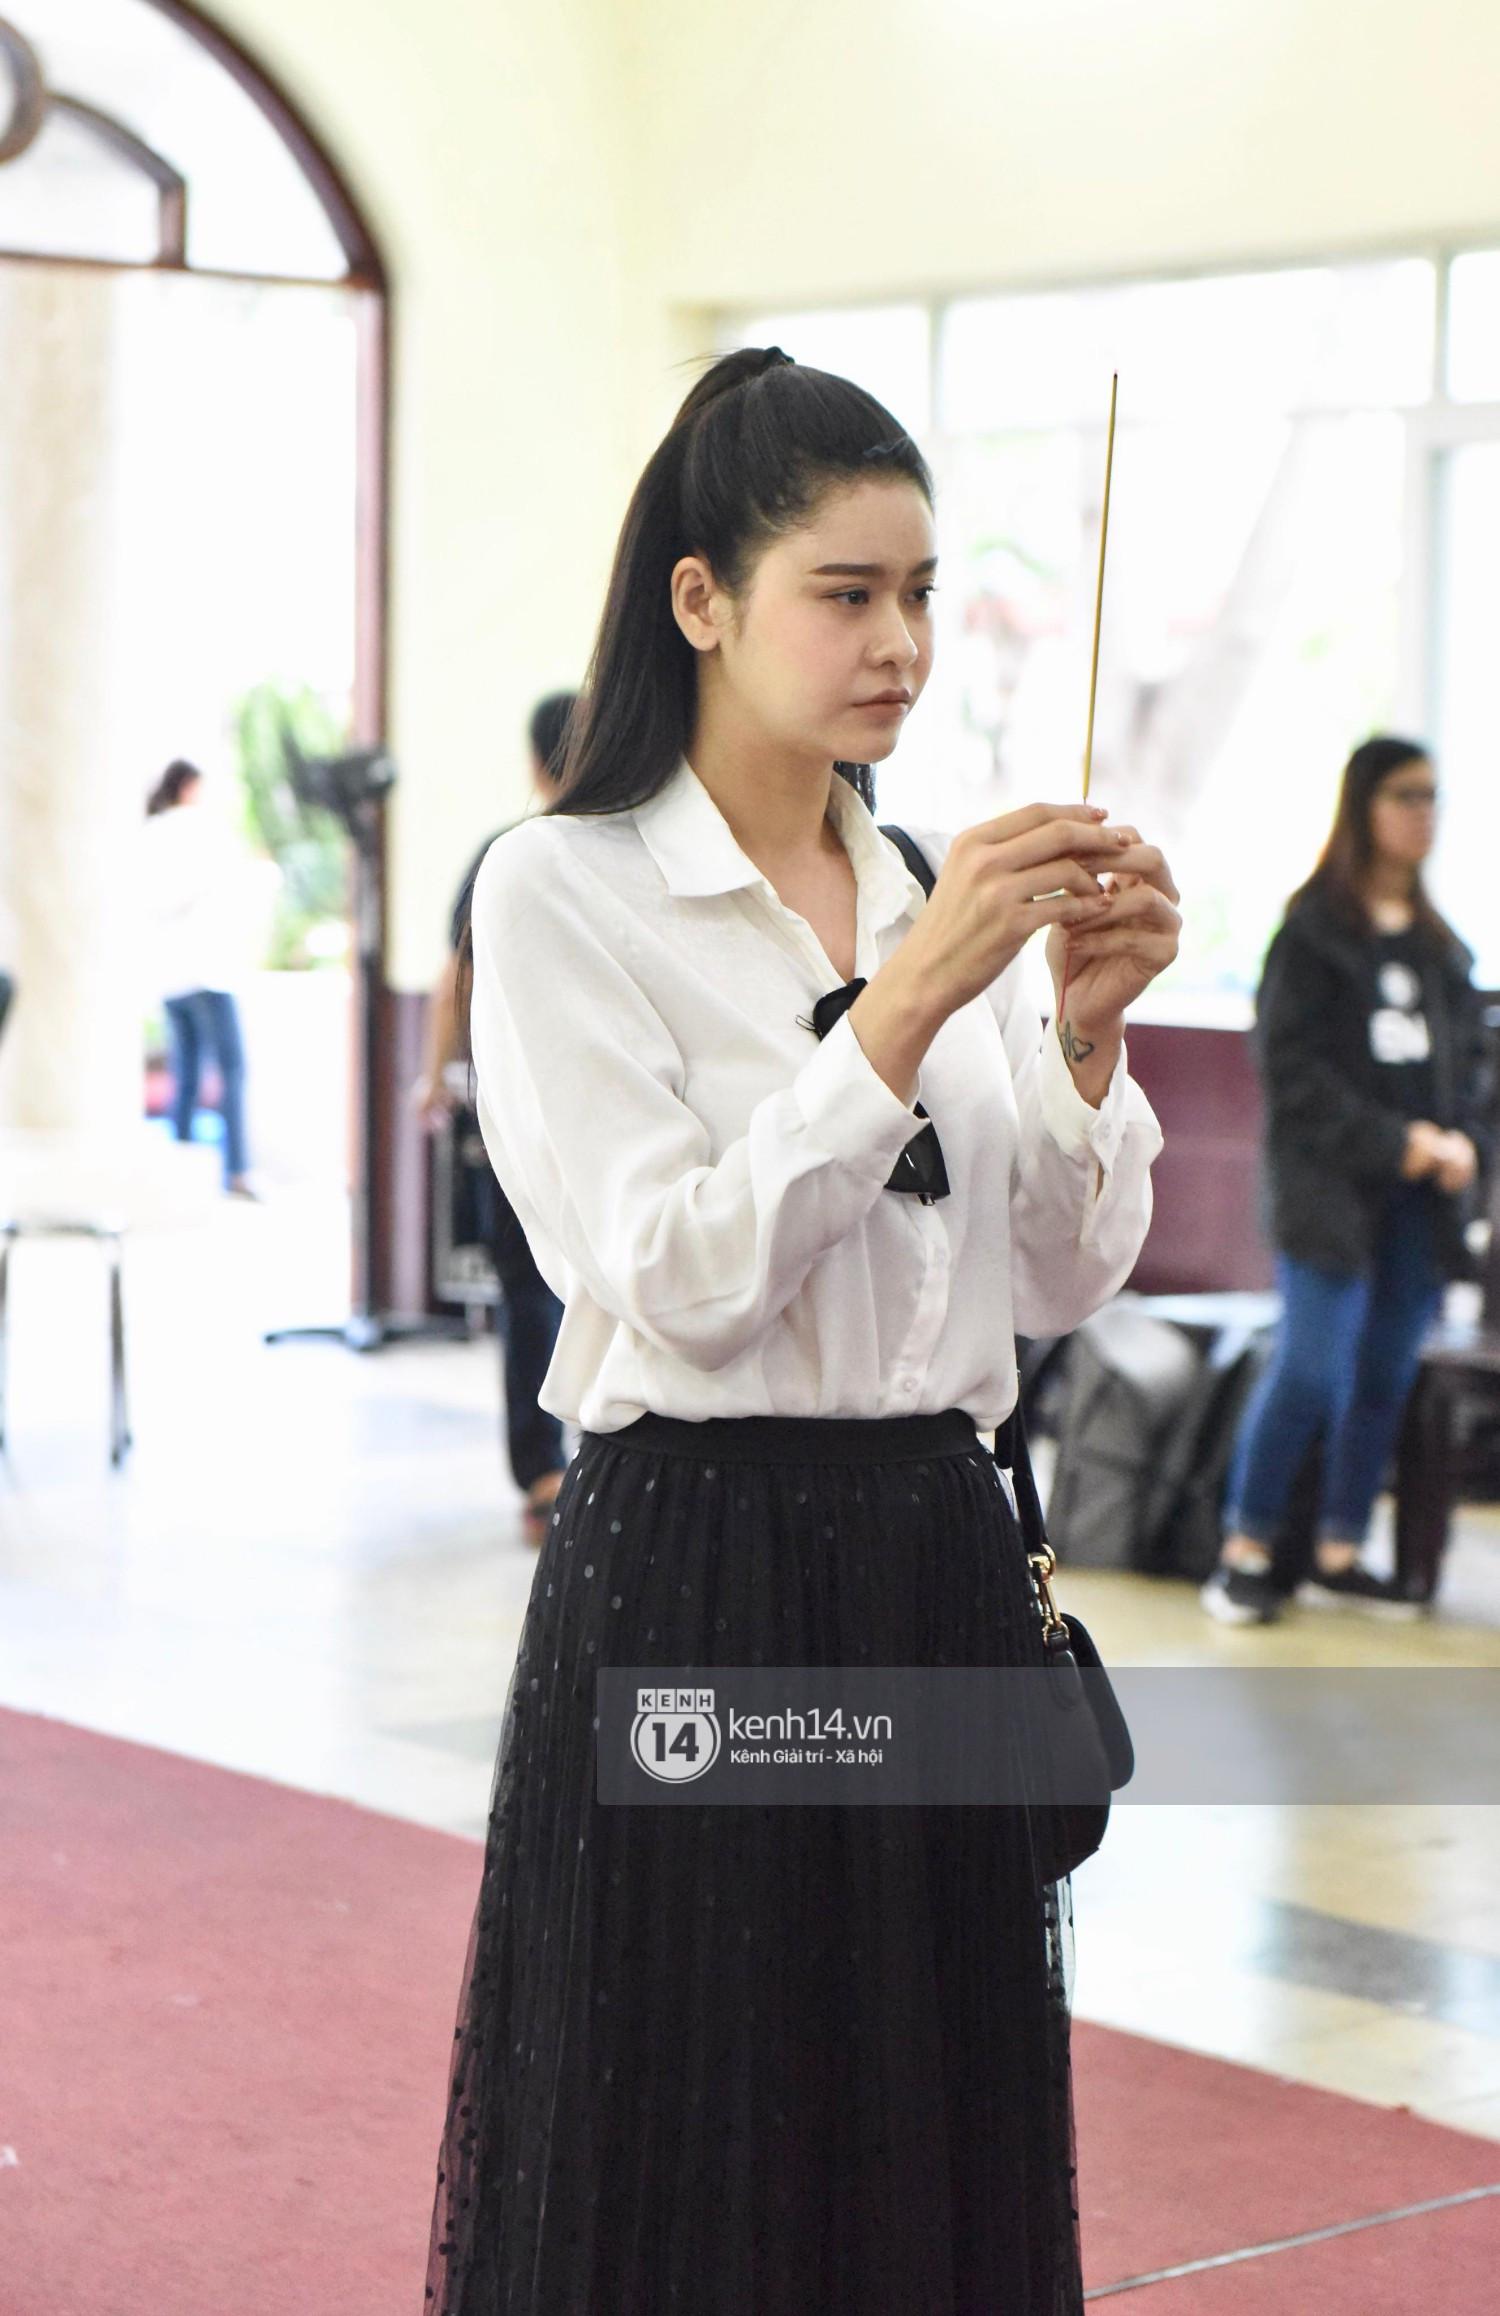 NSƯT Thành Lộc, Minh Hằng cùng dàn nghệ sĩ không giấu nổi đau buồn, nghẹn ngào trong tang lễ nghệ sĩ Lê Bình